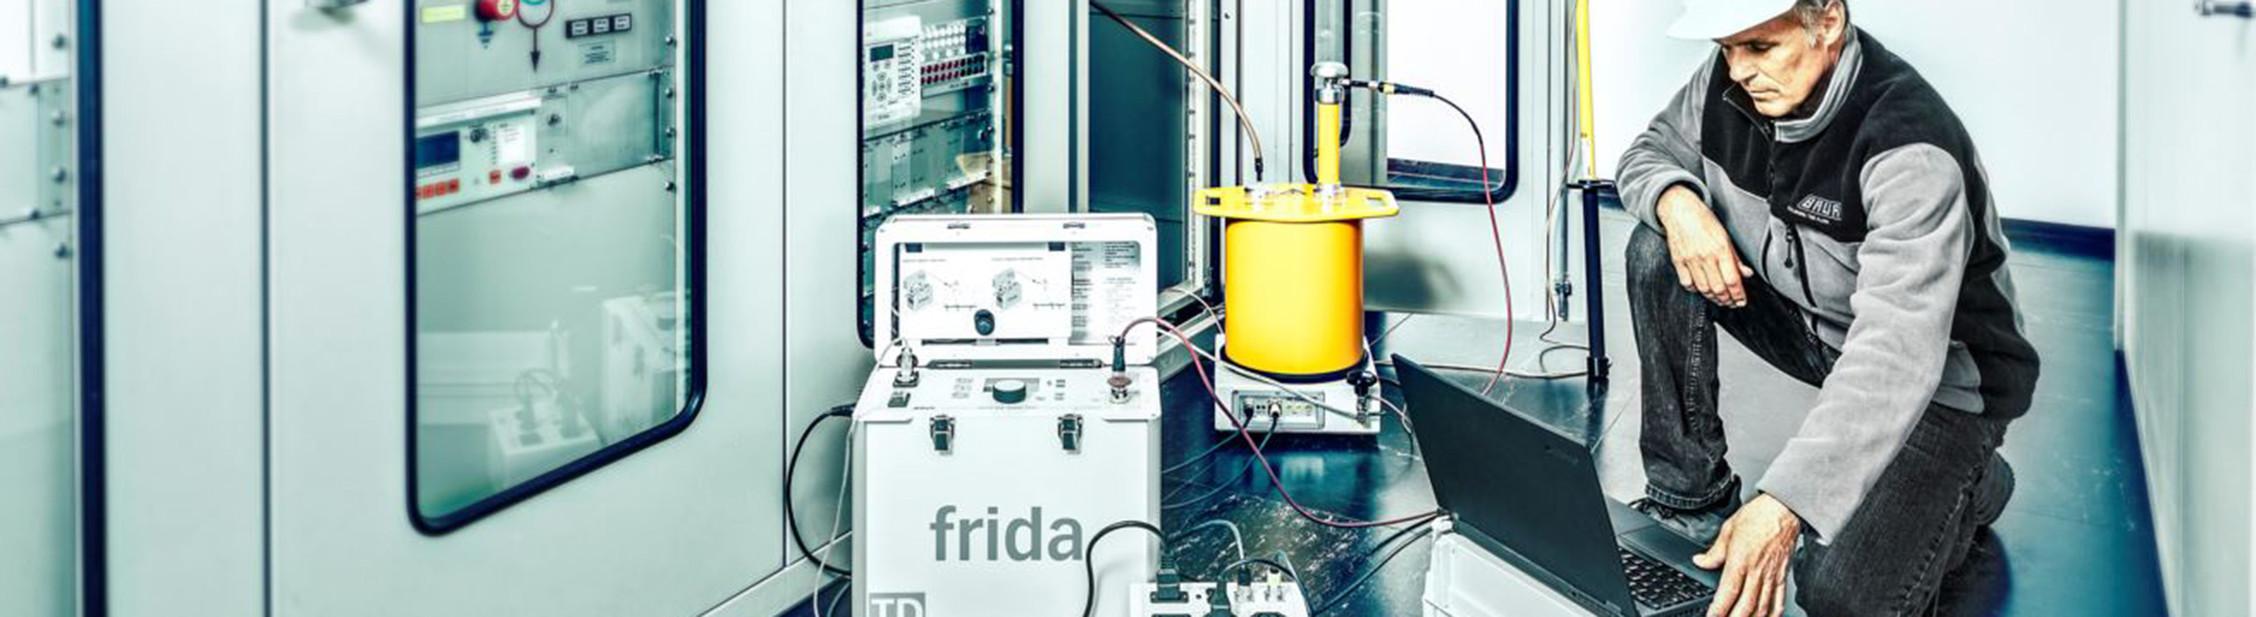 Anwendungen: Kabelprüfung und Diagnose | BAUR GmbH